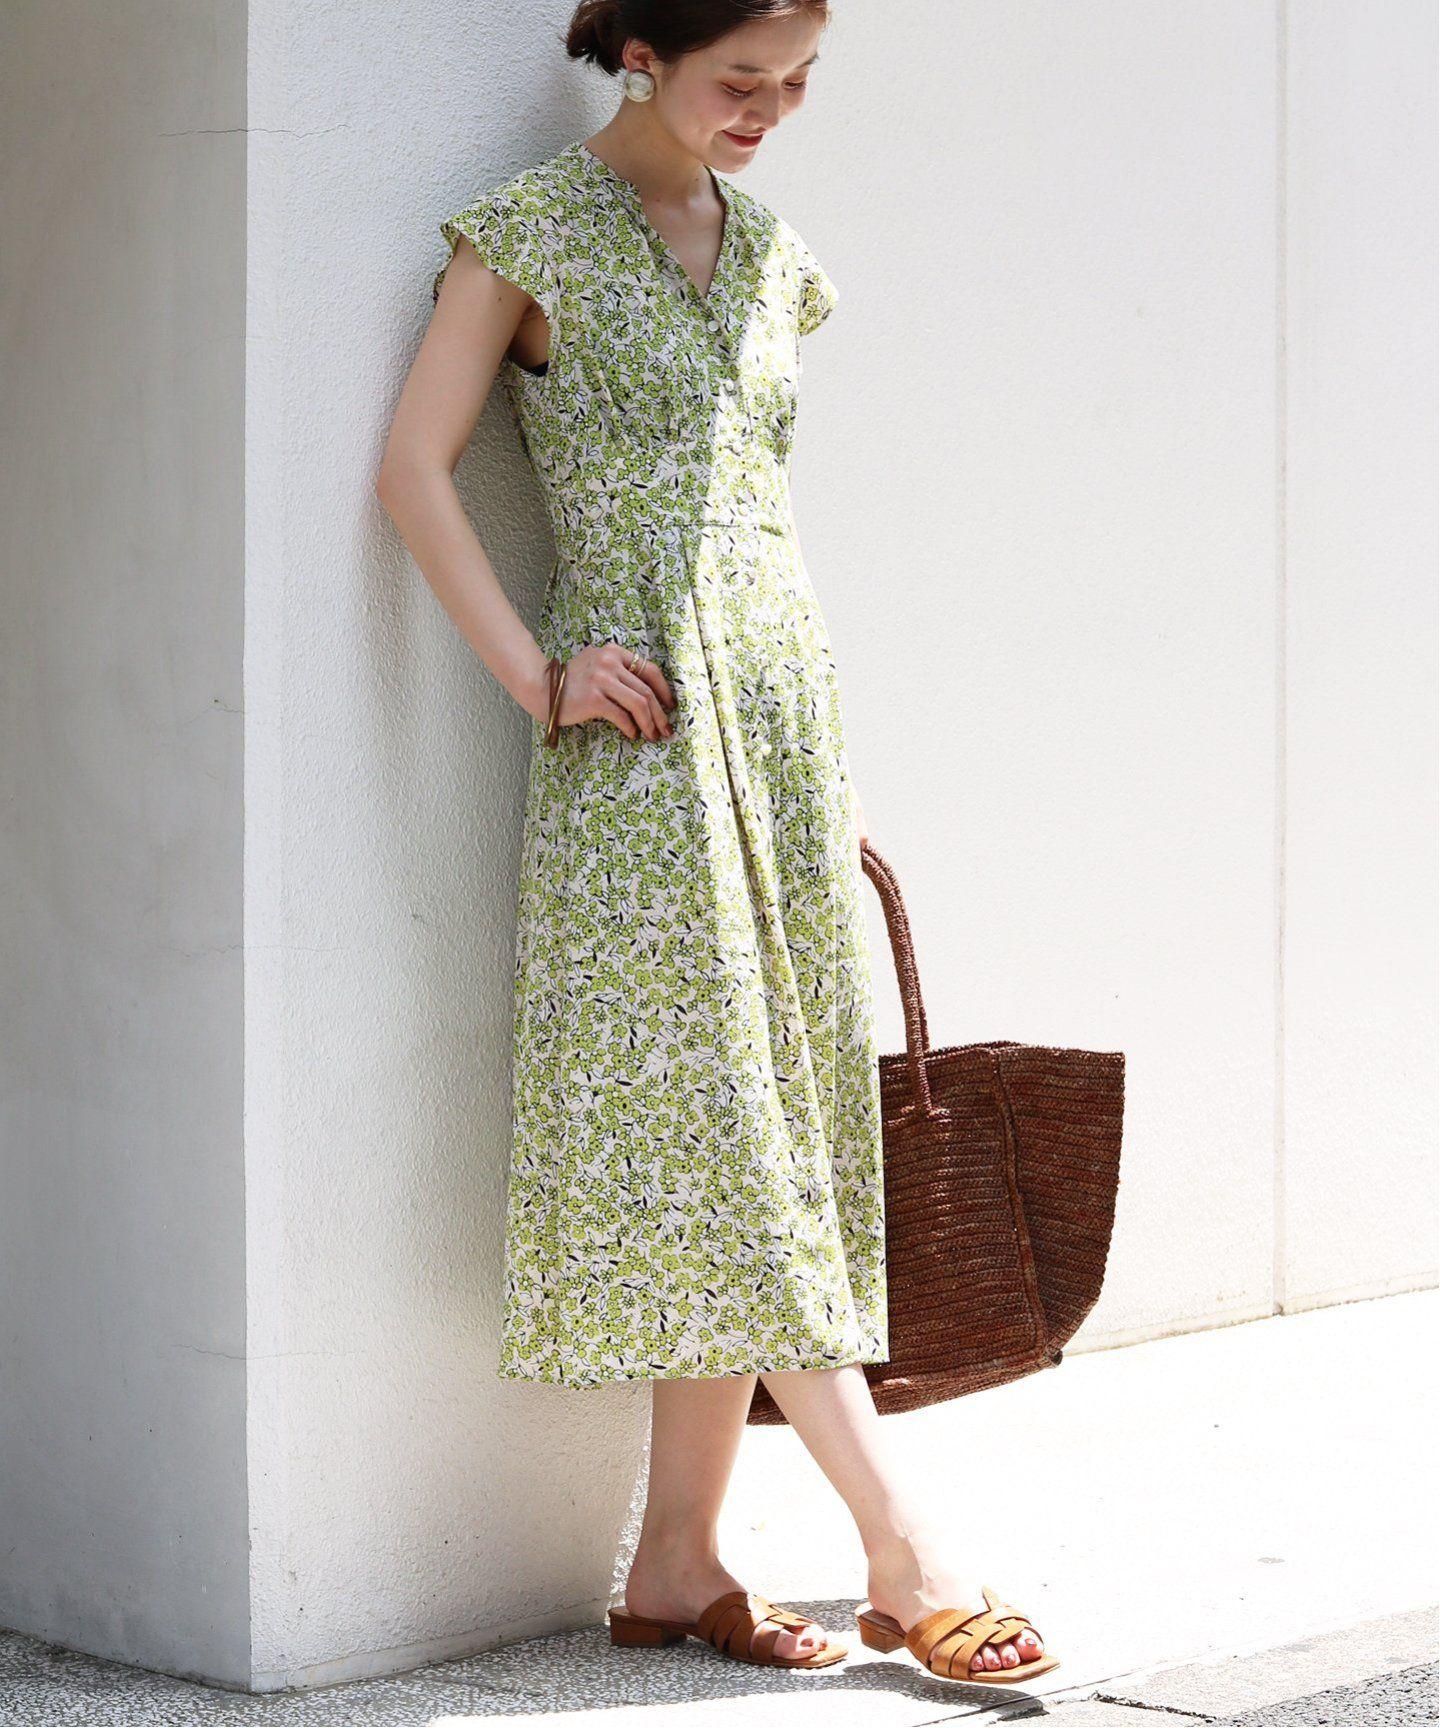 追加2 フラワープリントワンピース iena イエナ 公式のファッション通販 19040900427210 baycrew s store ワンピース ファッションアイデア アジアンファッション